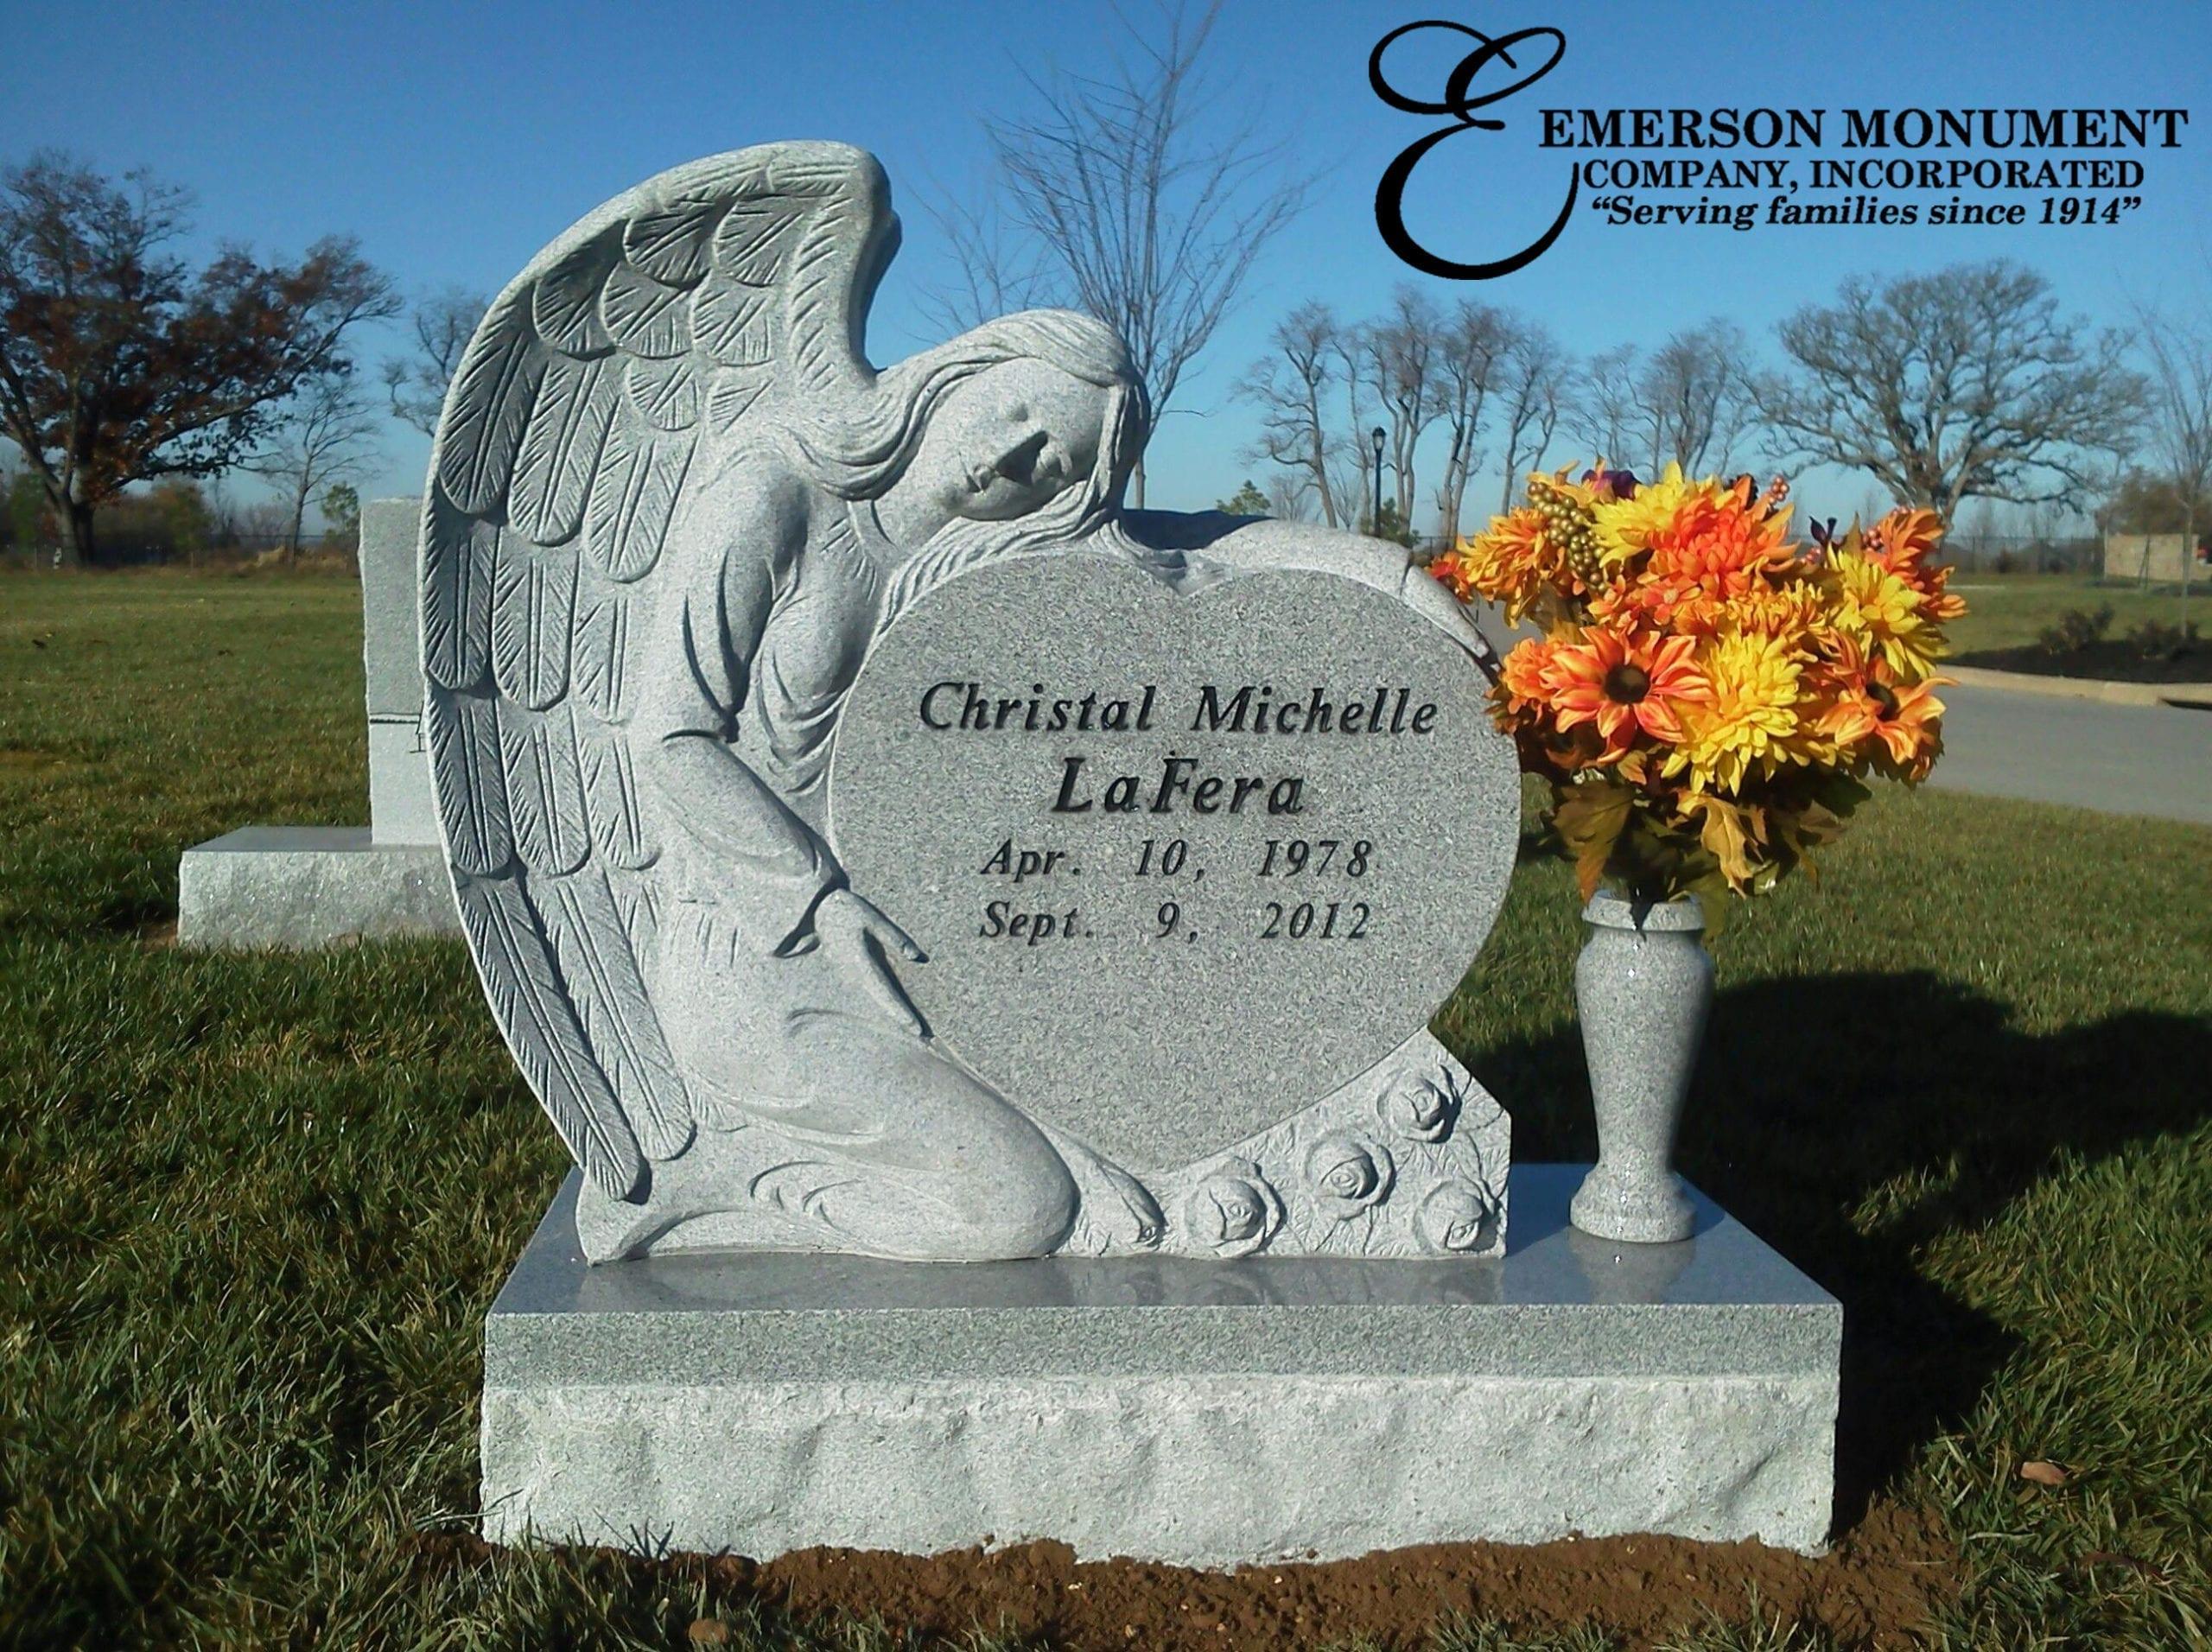 Lafera Memorial Design